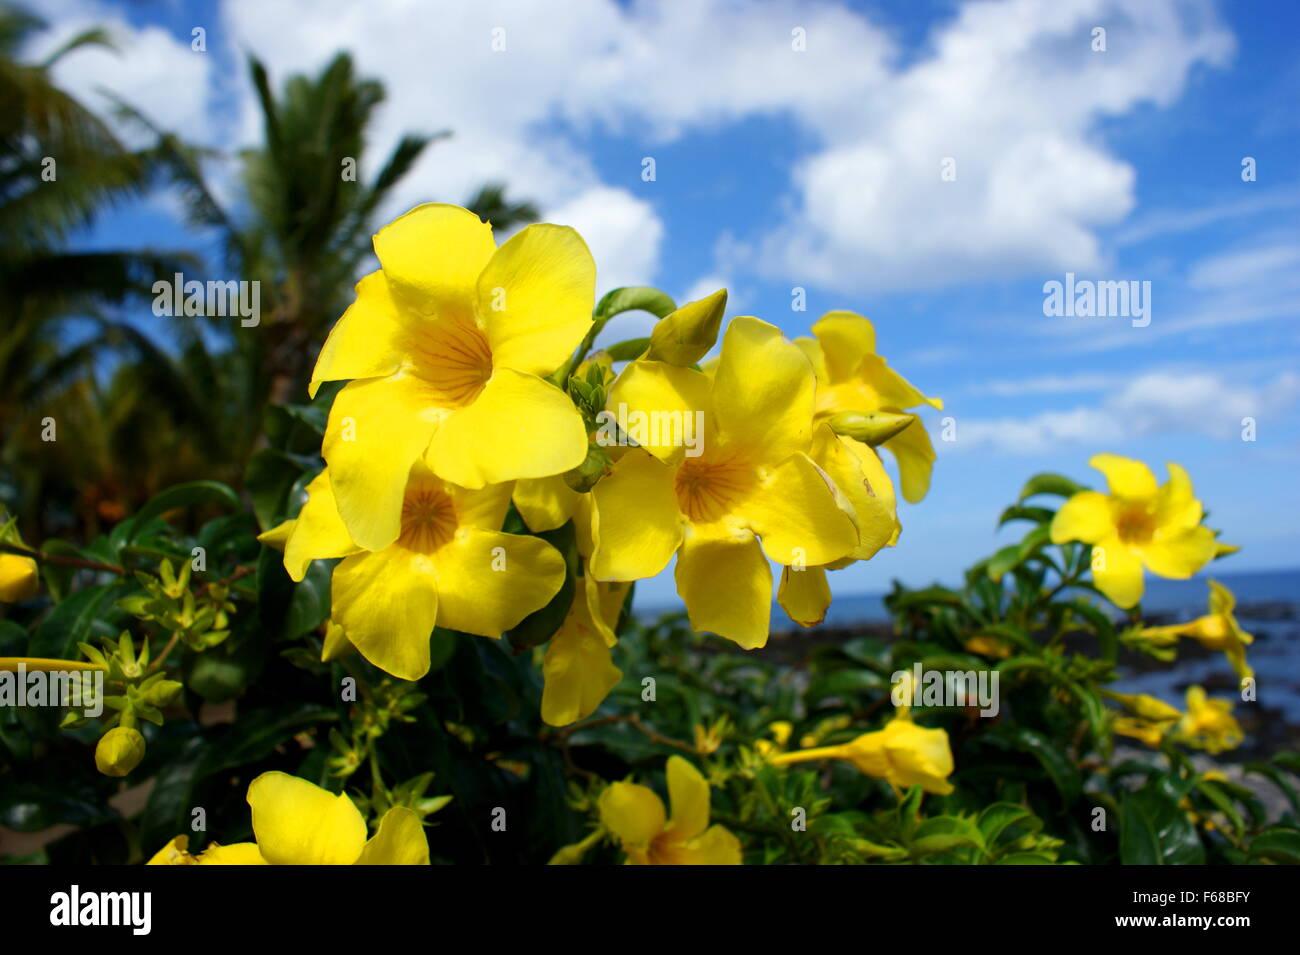 L Afrique L Ile Maurice Belles Fleurs Jaune Allamanda Banque D